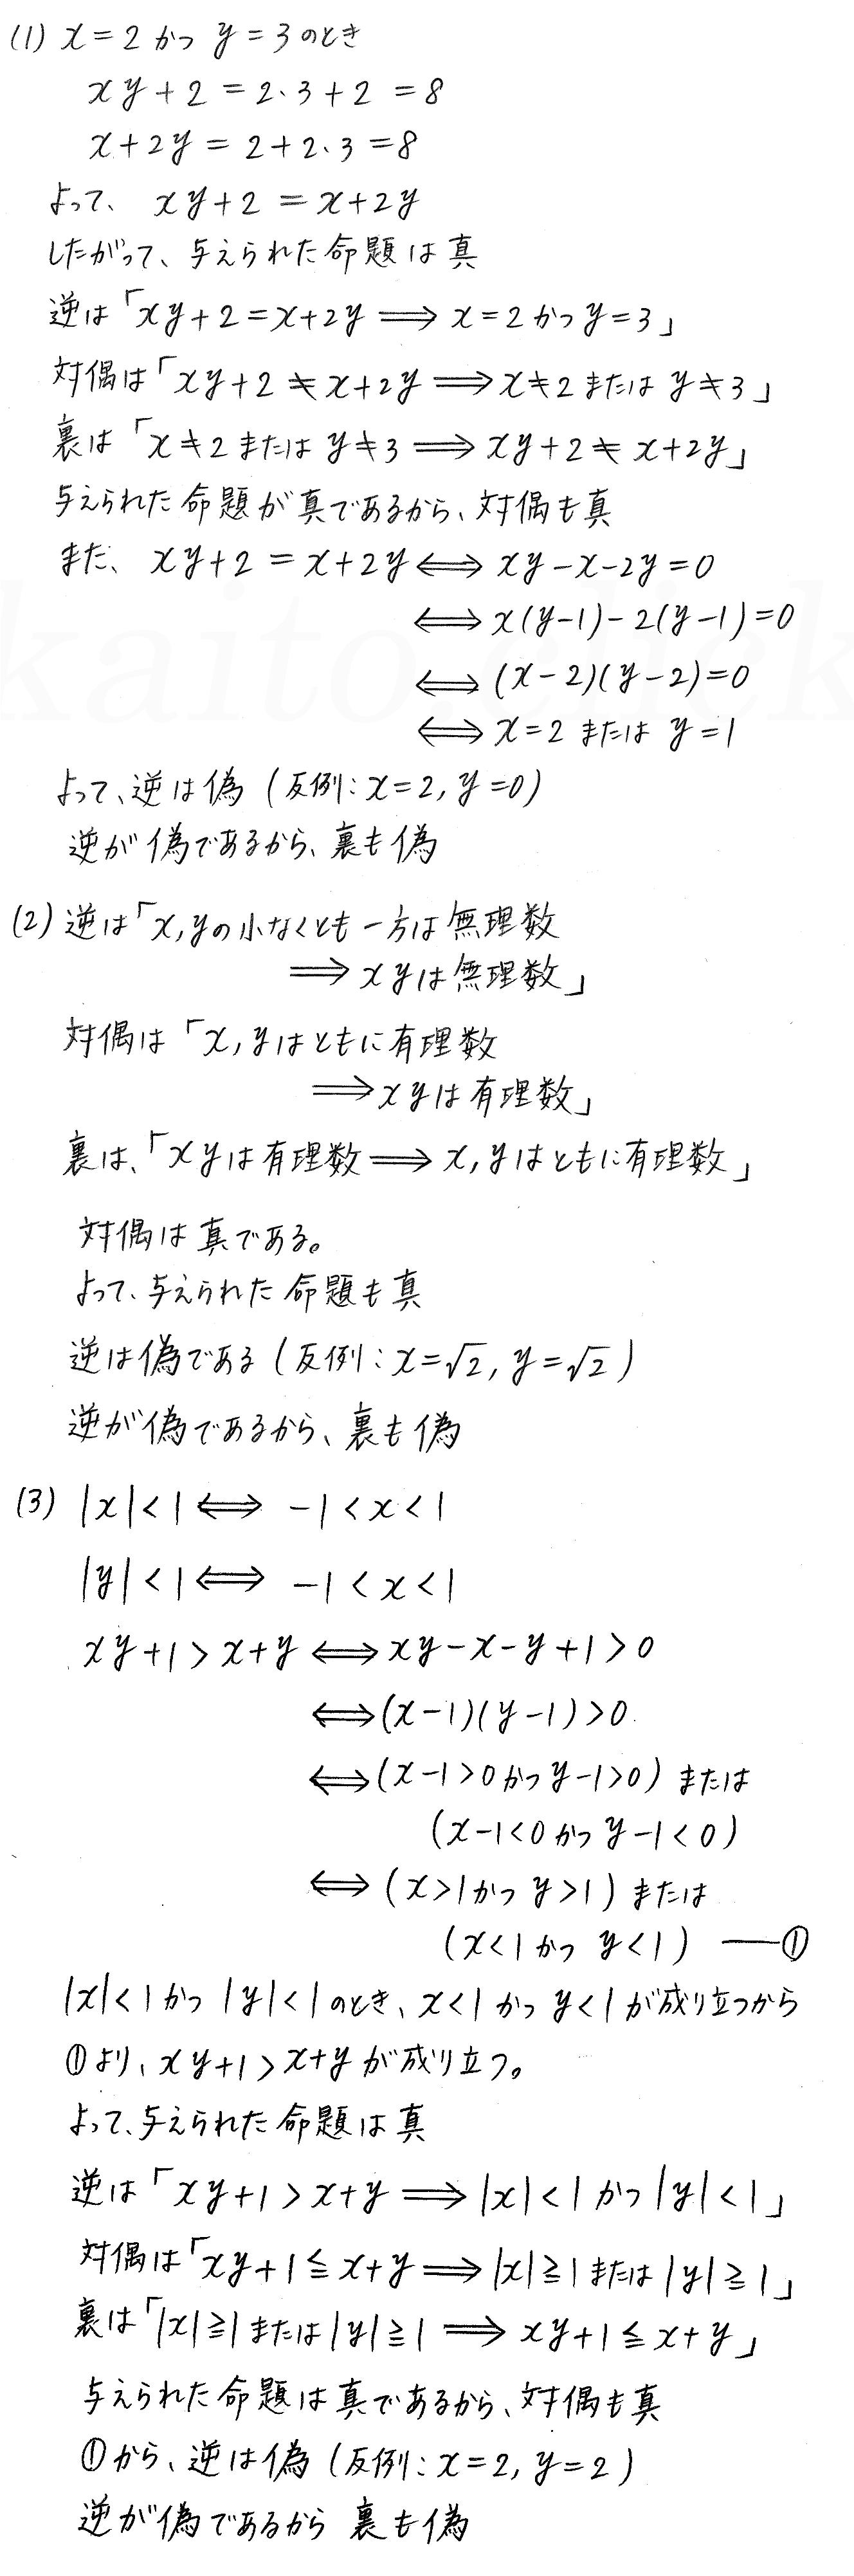 クリアー数学1-138解答